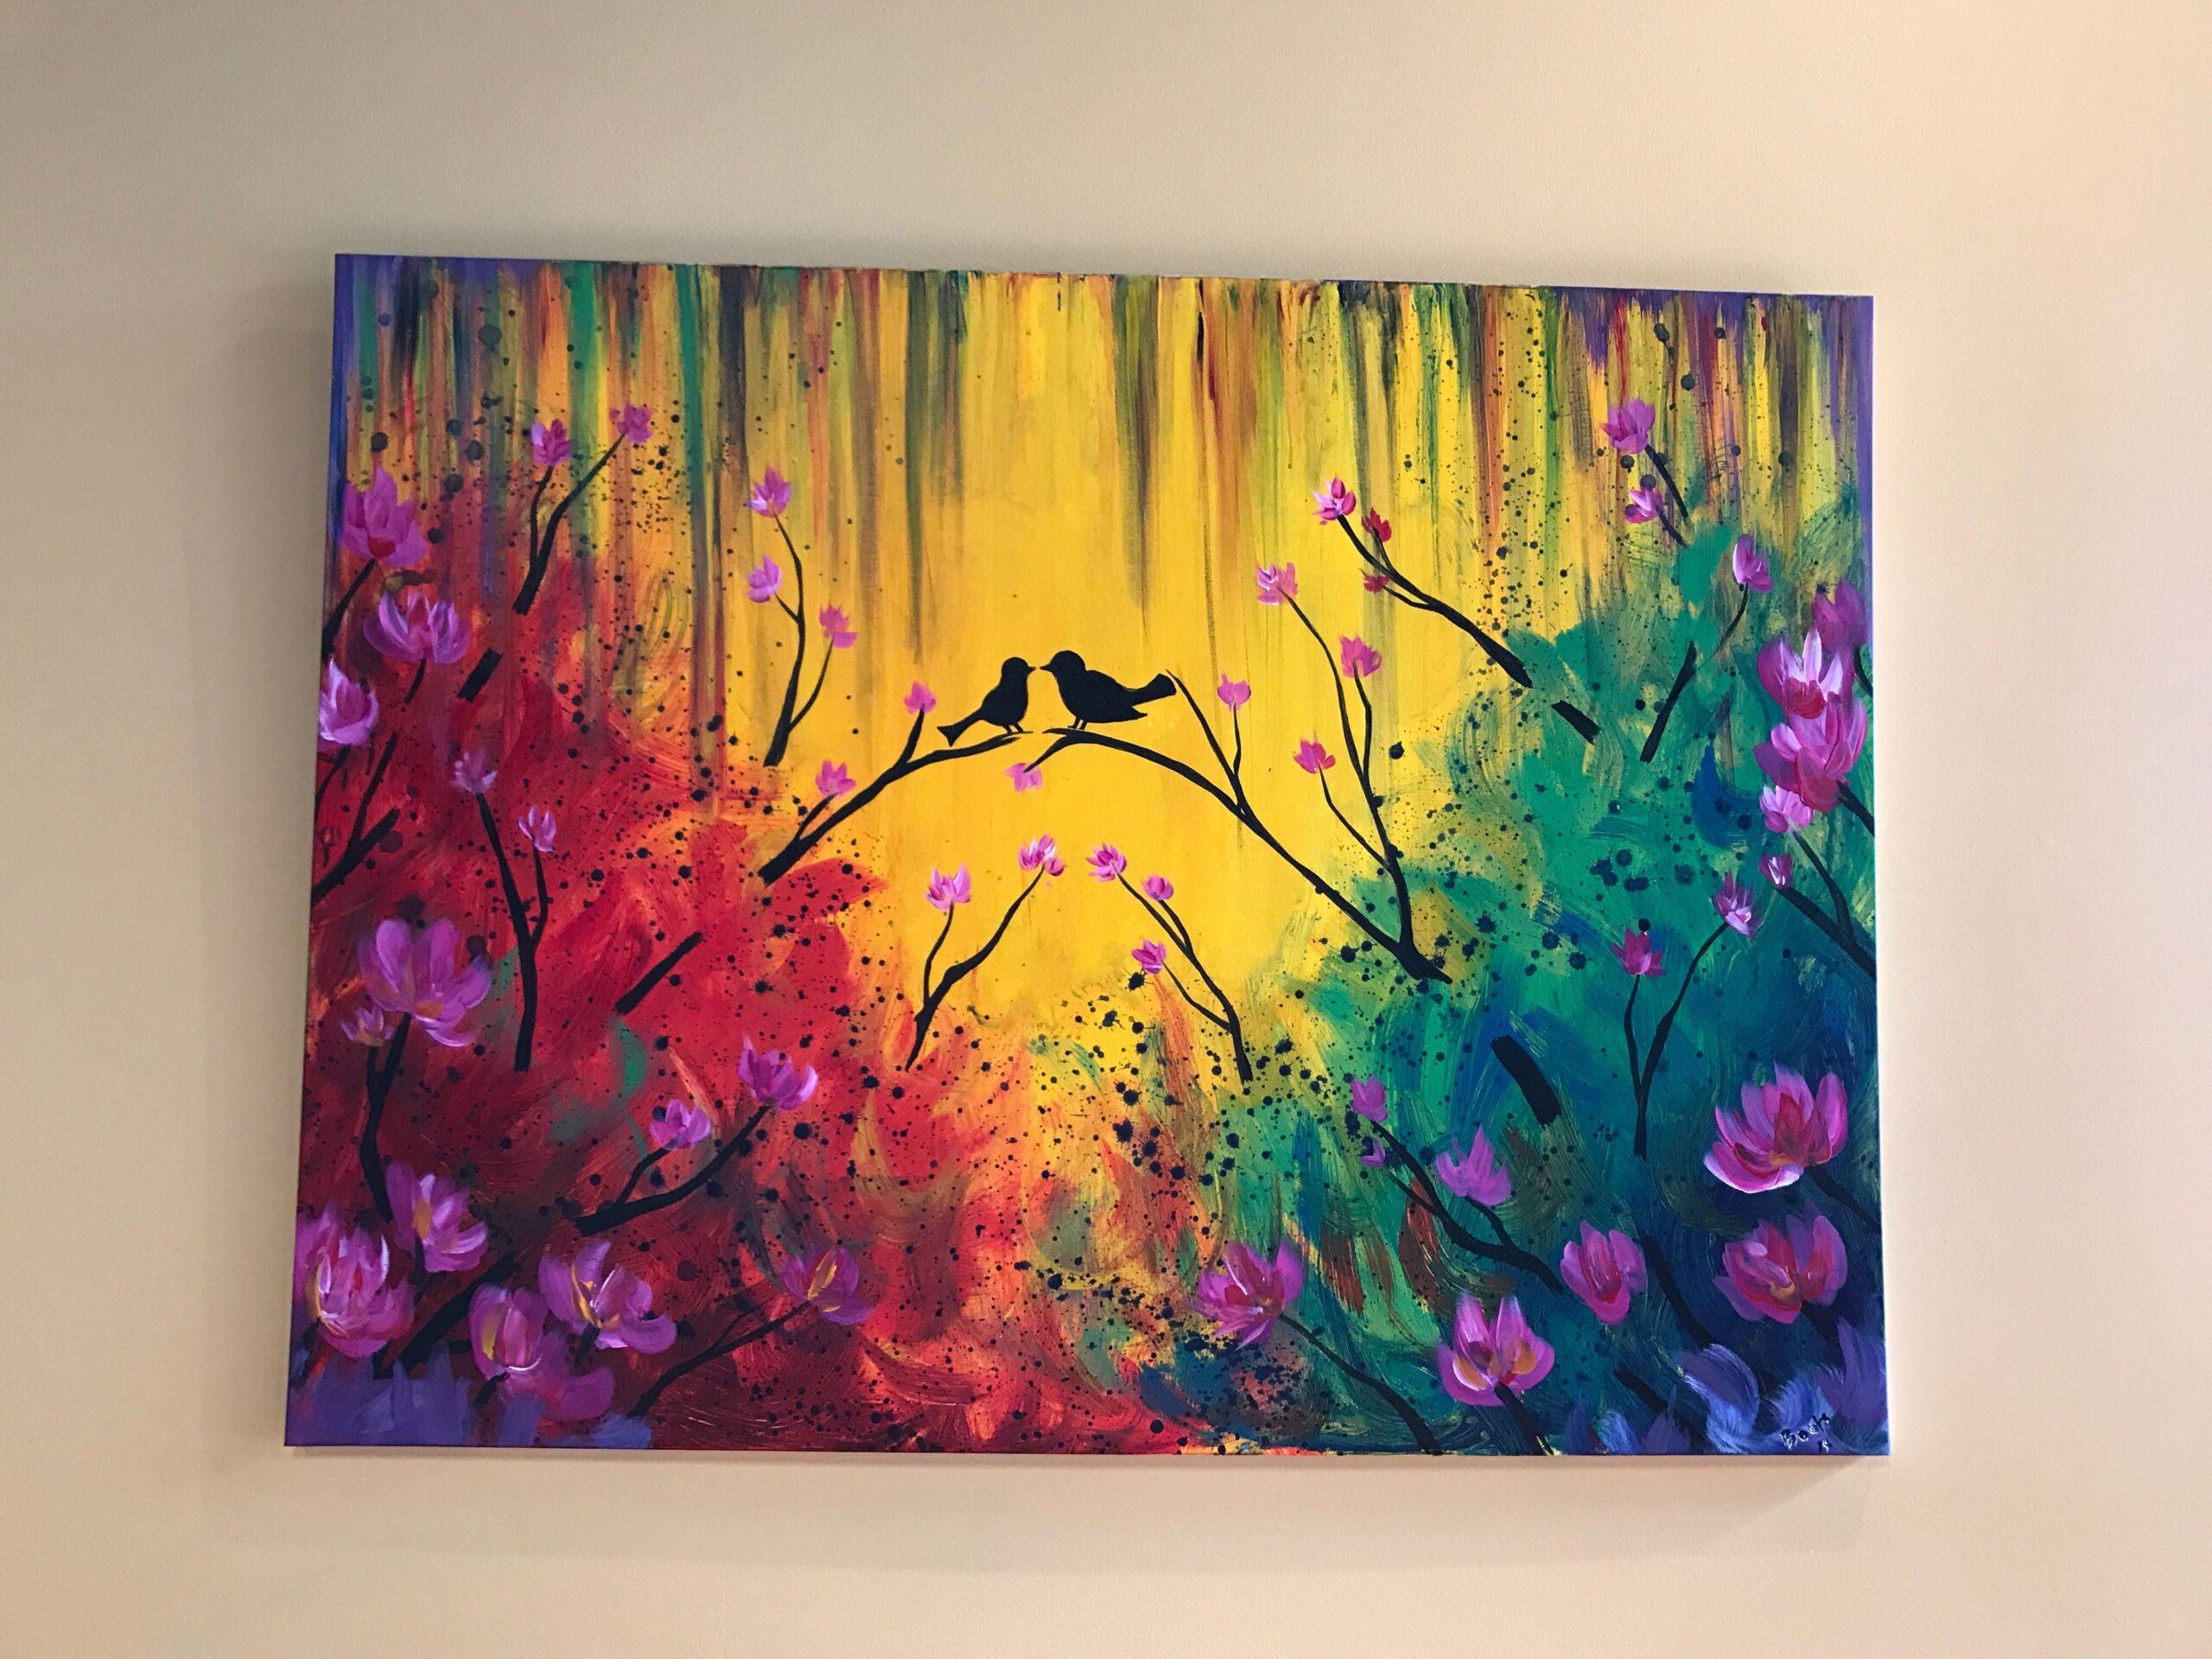 Акриловая краска на холсте